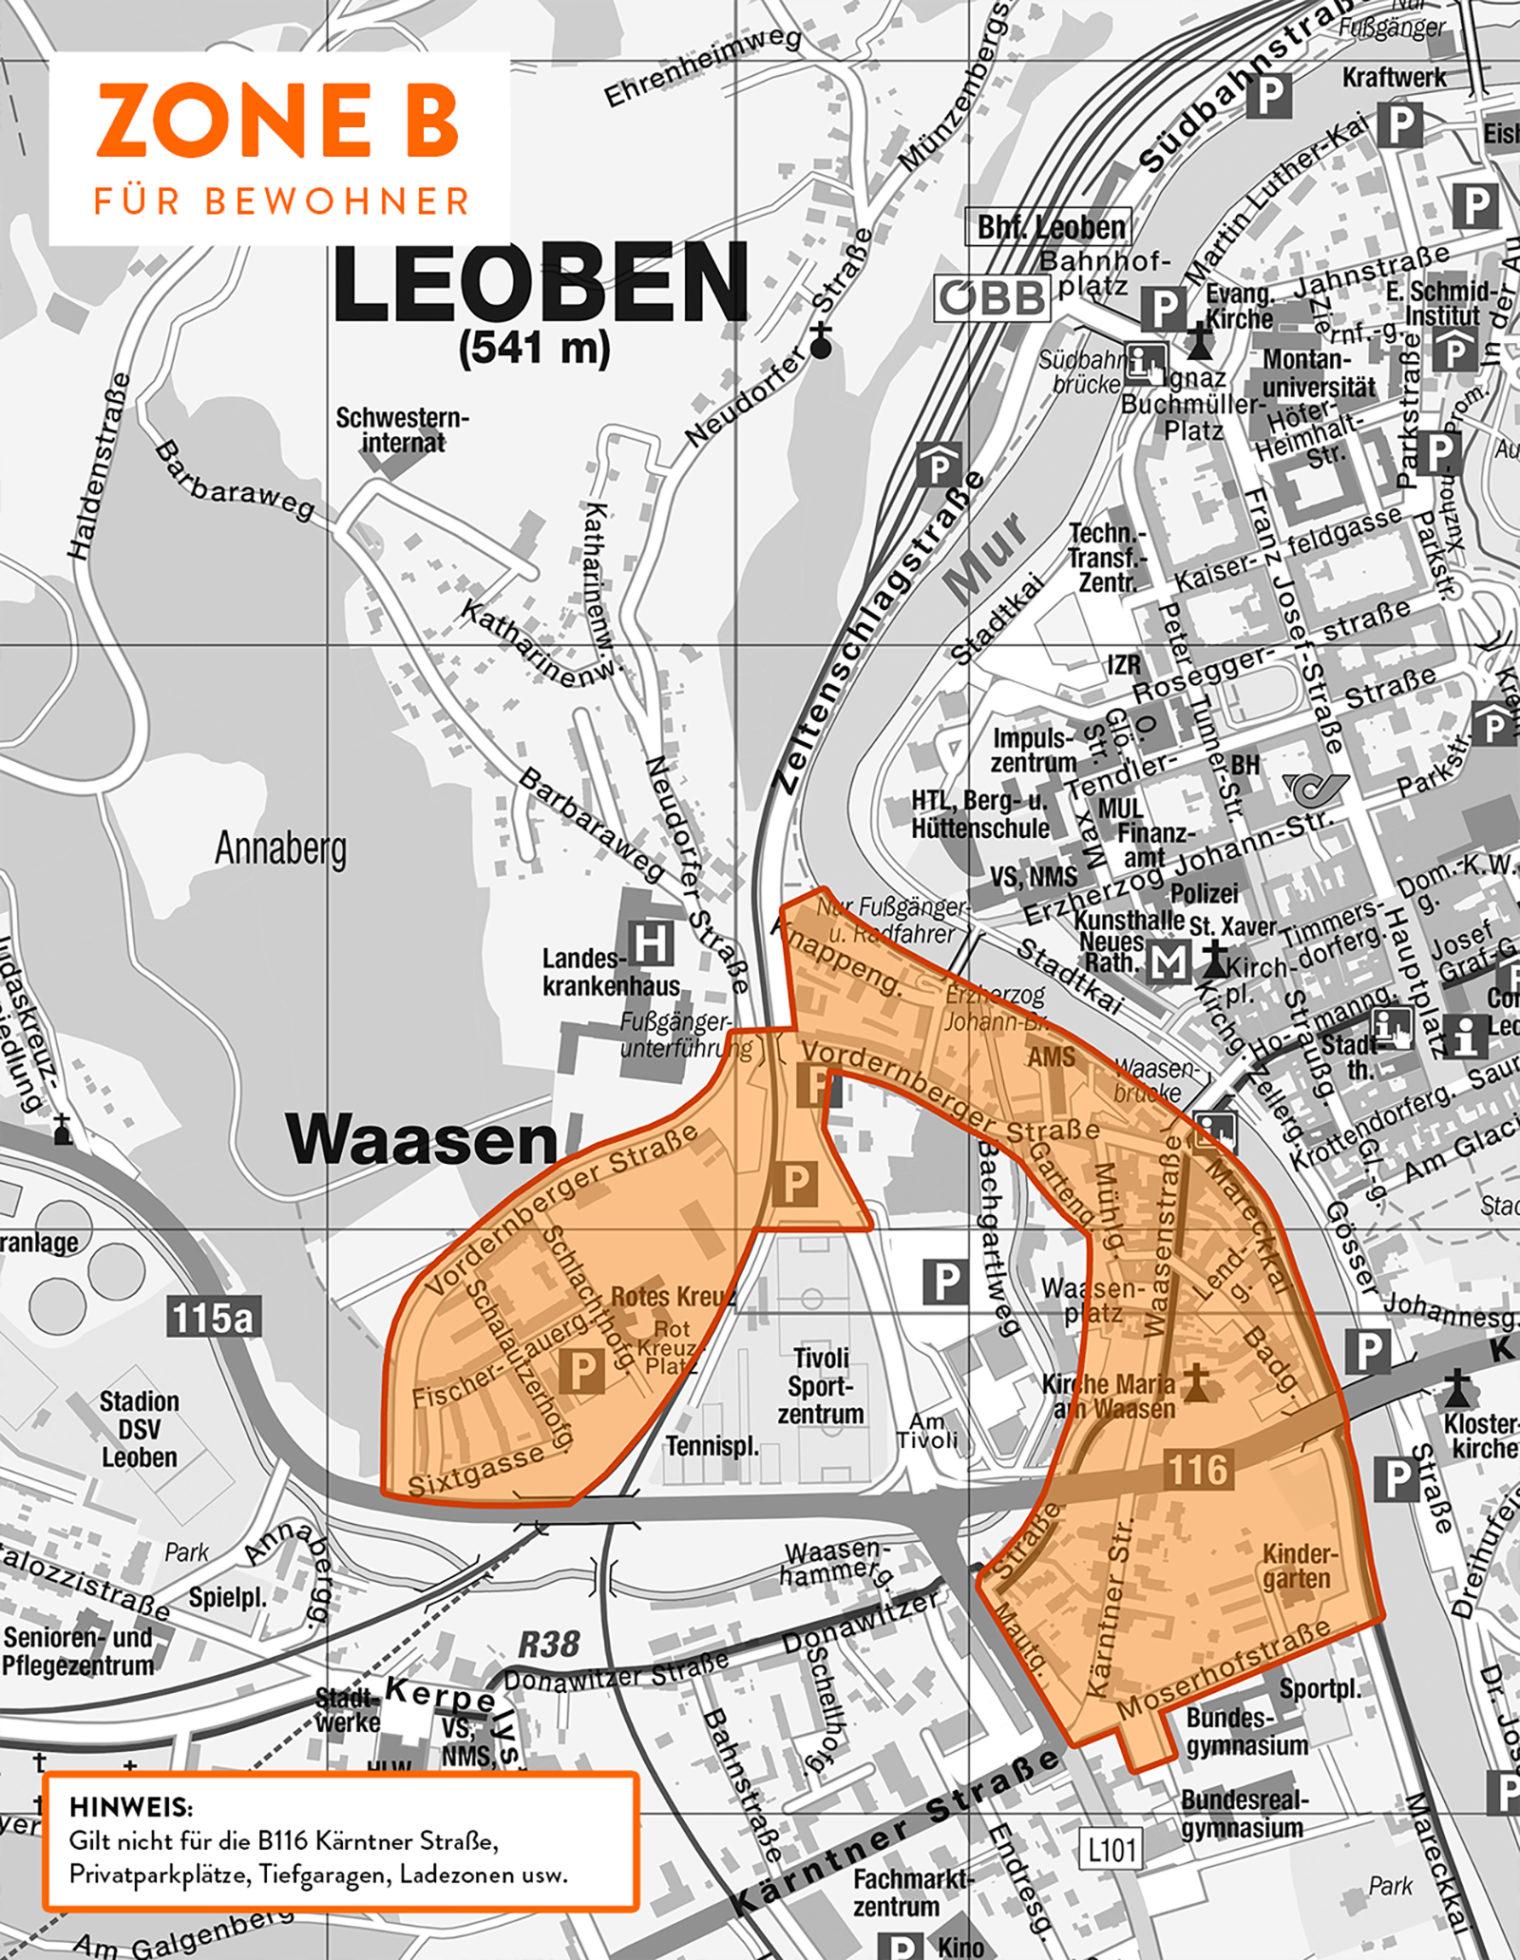 Karte der Parkzone B (Bereich Waasen)